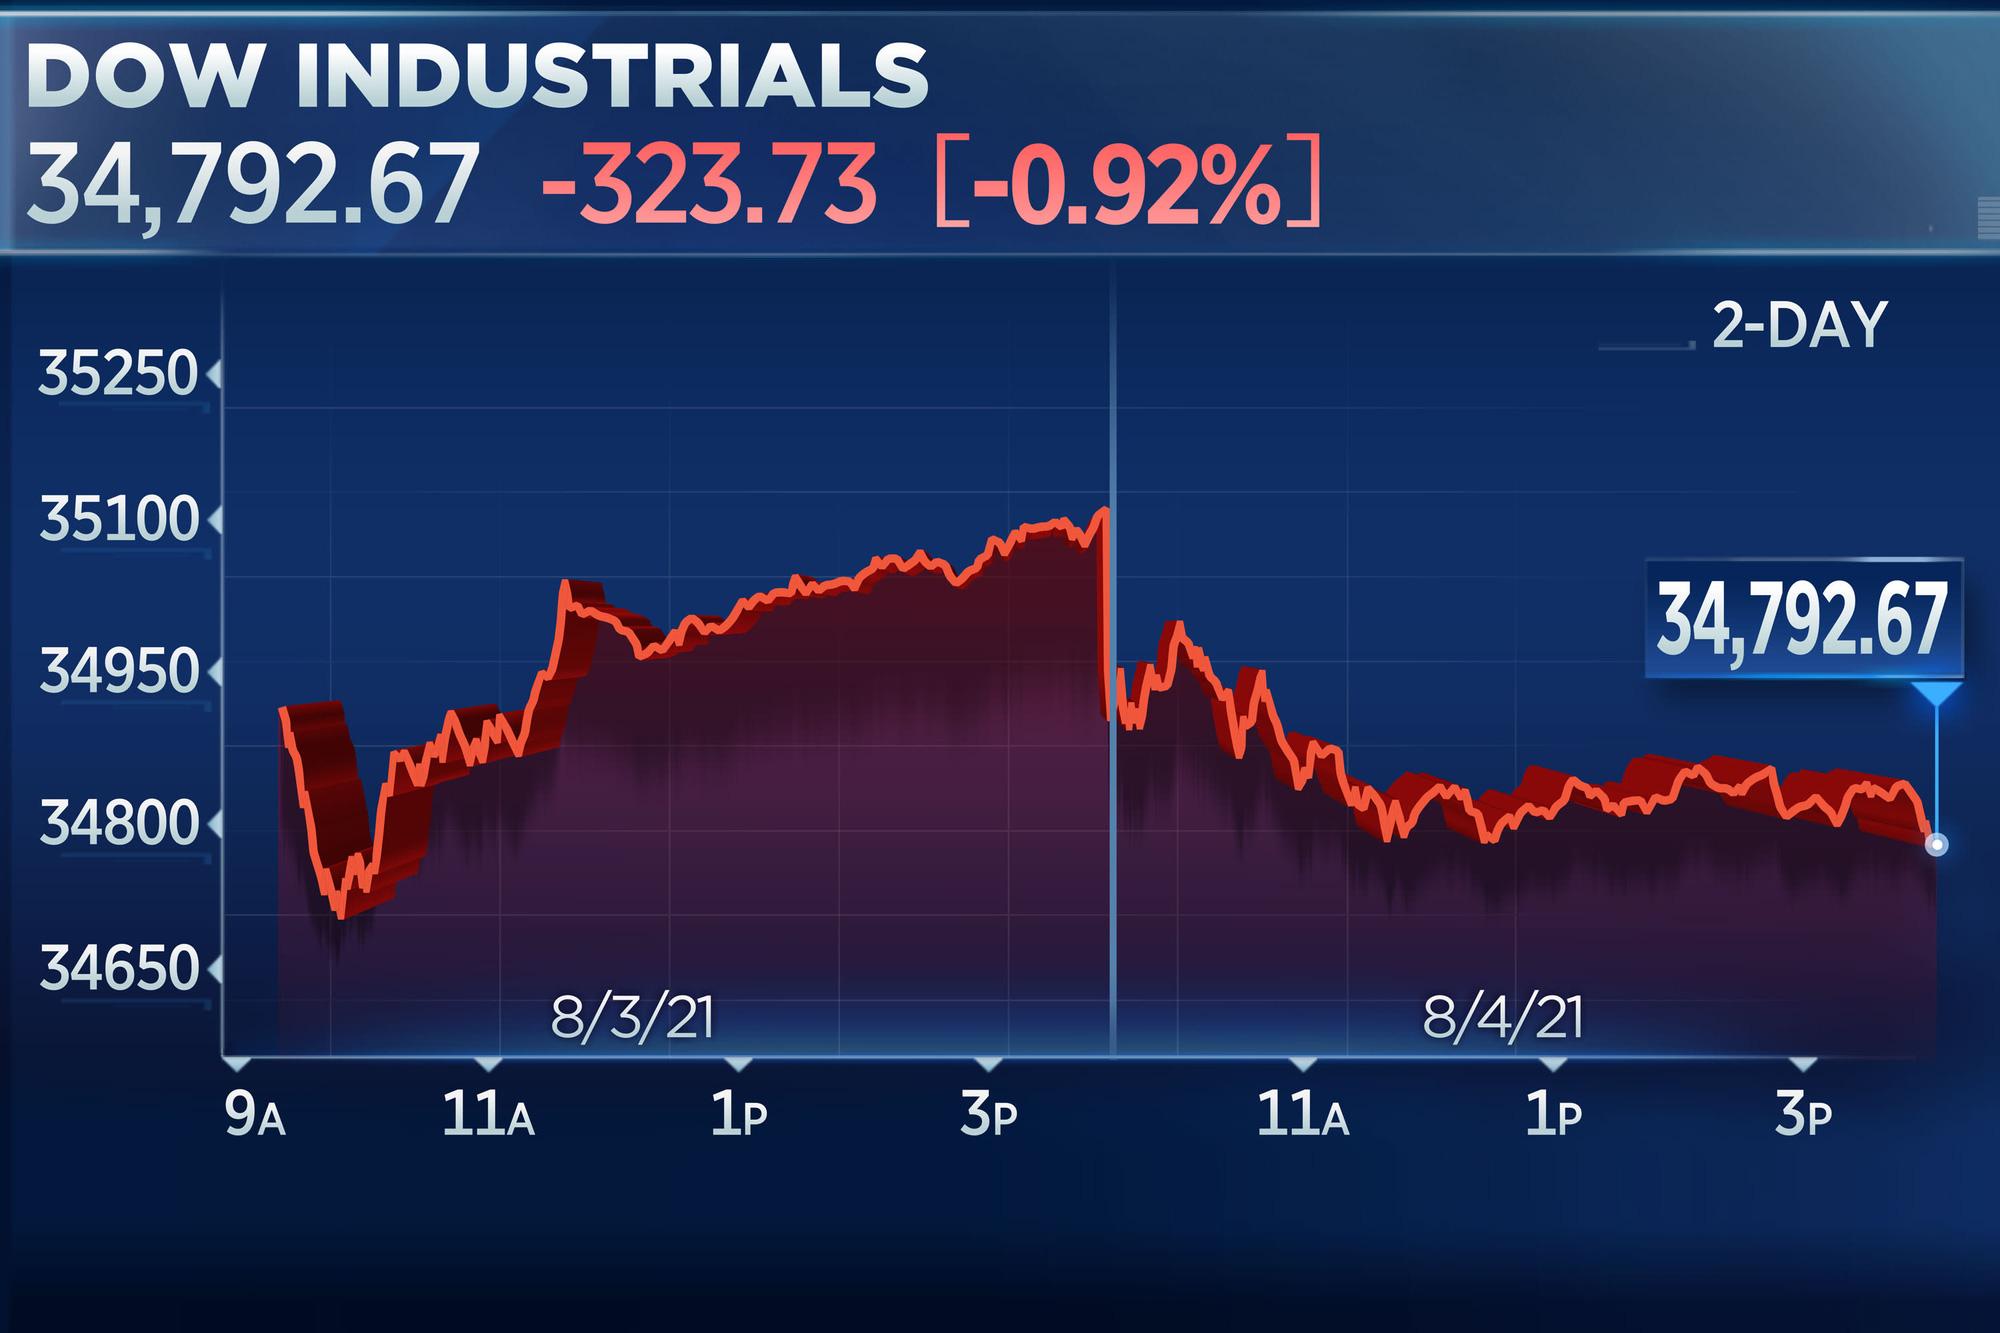 Dow Jones sụt hơn 300 điểm sau số liệu việc làm tiêu cực - Ảnh 1.